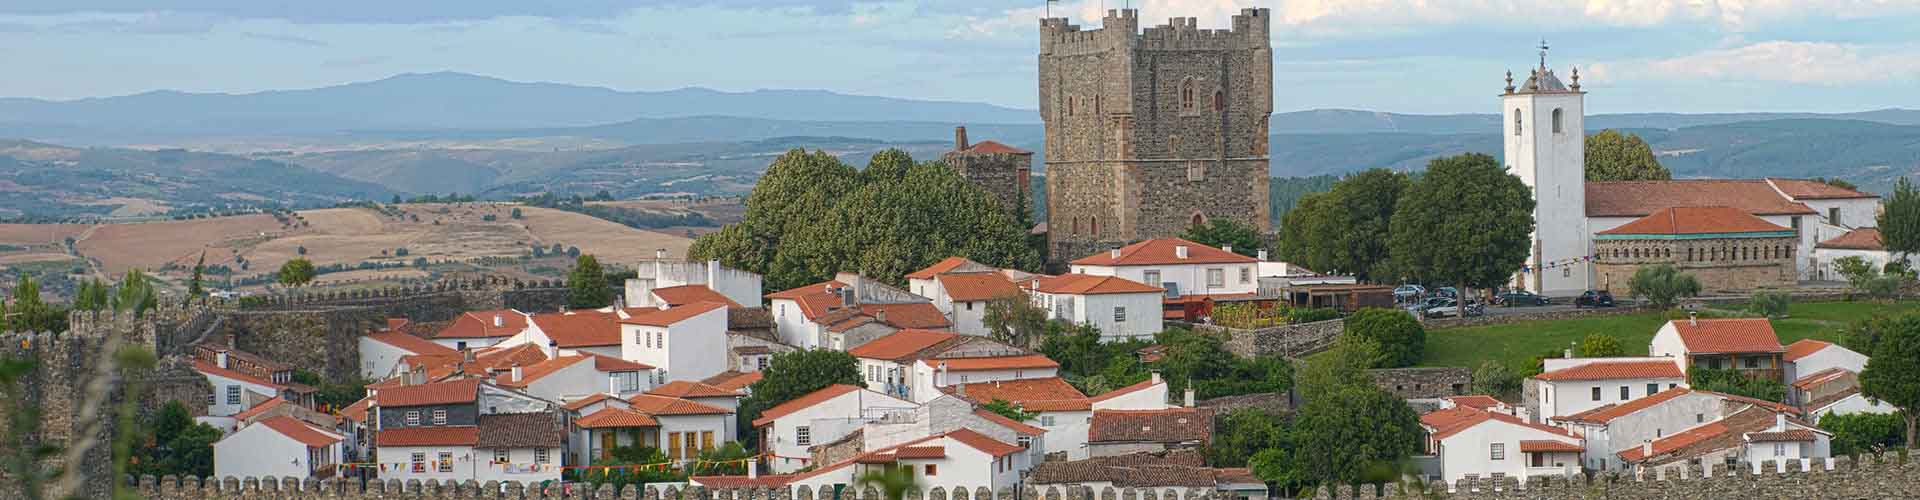 Bragança - Auberges de jeunesse à Bragança. Cartes pour Bragança, photos et commentaires pour chaque auberge de jeunesse à Bragança.